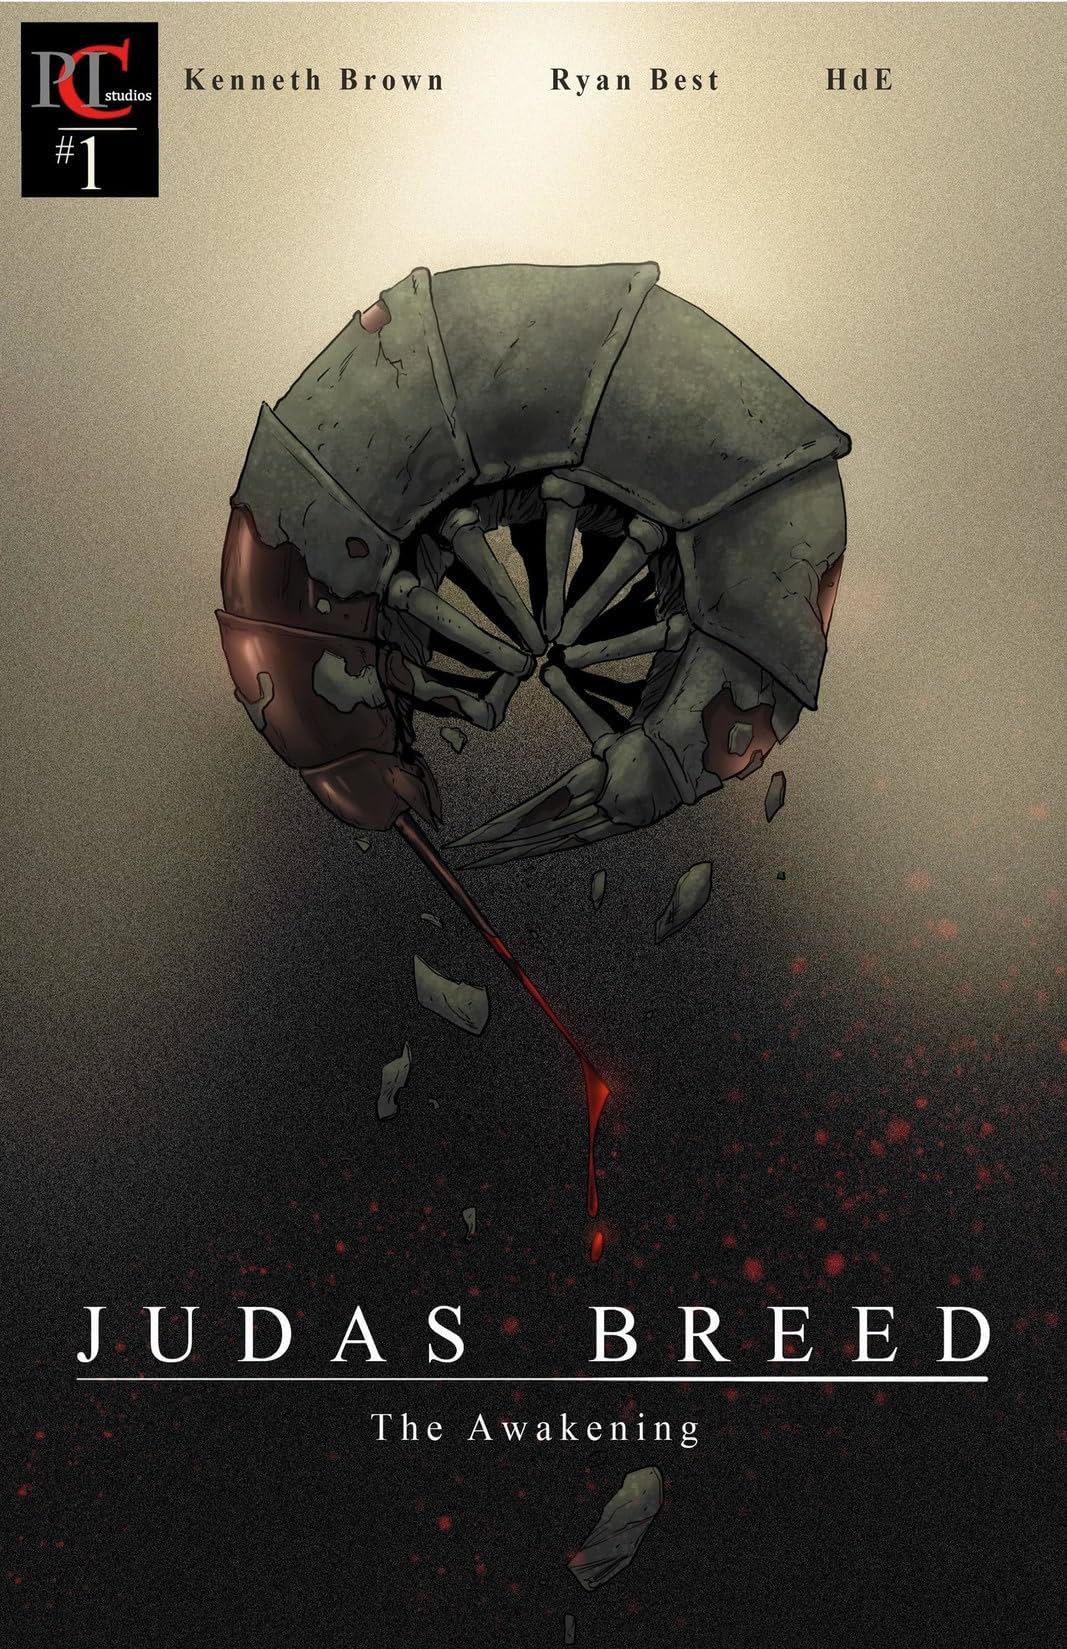 Judas Breed #1: The Awakening